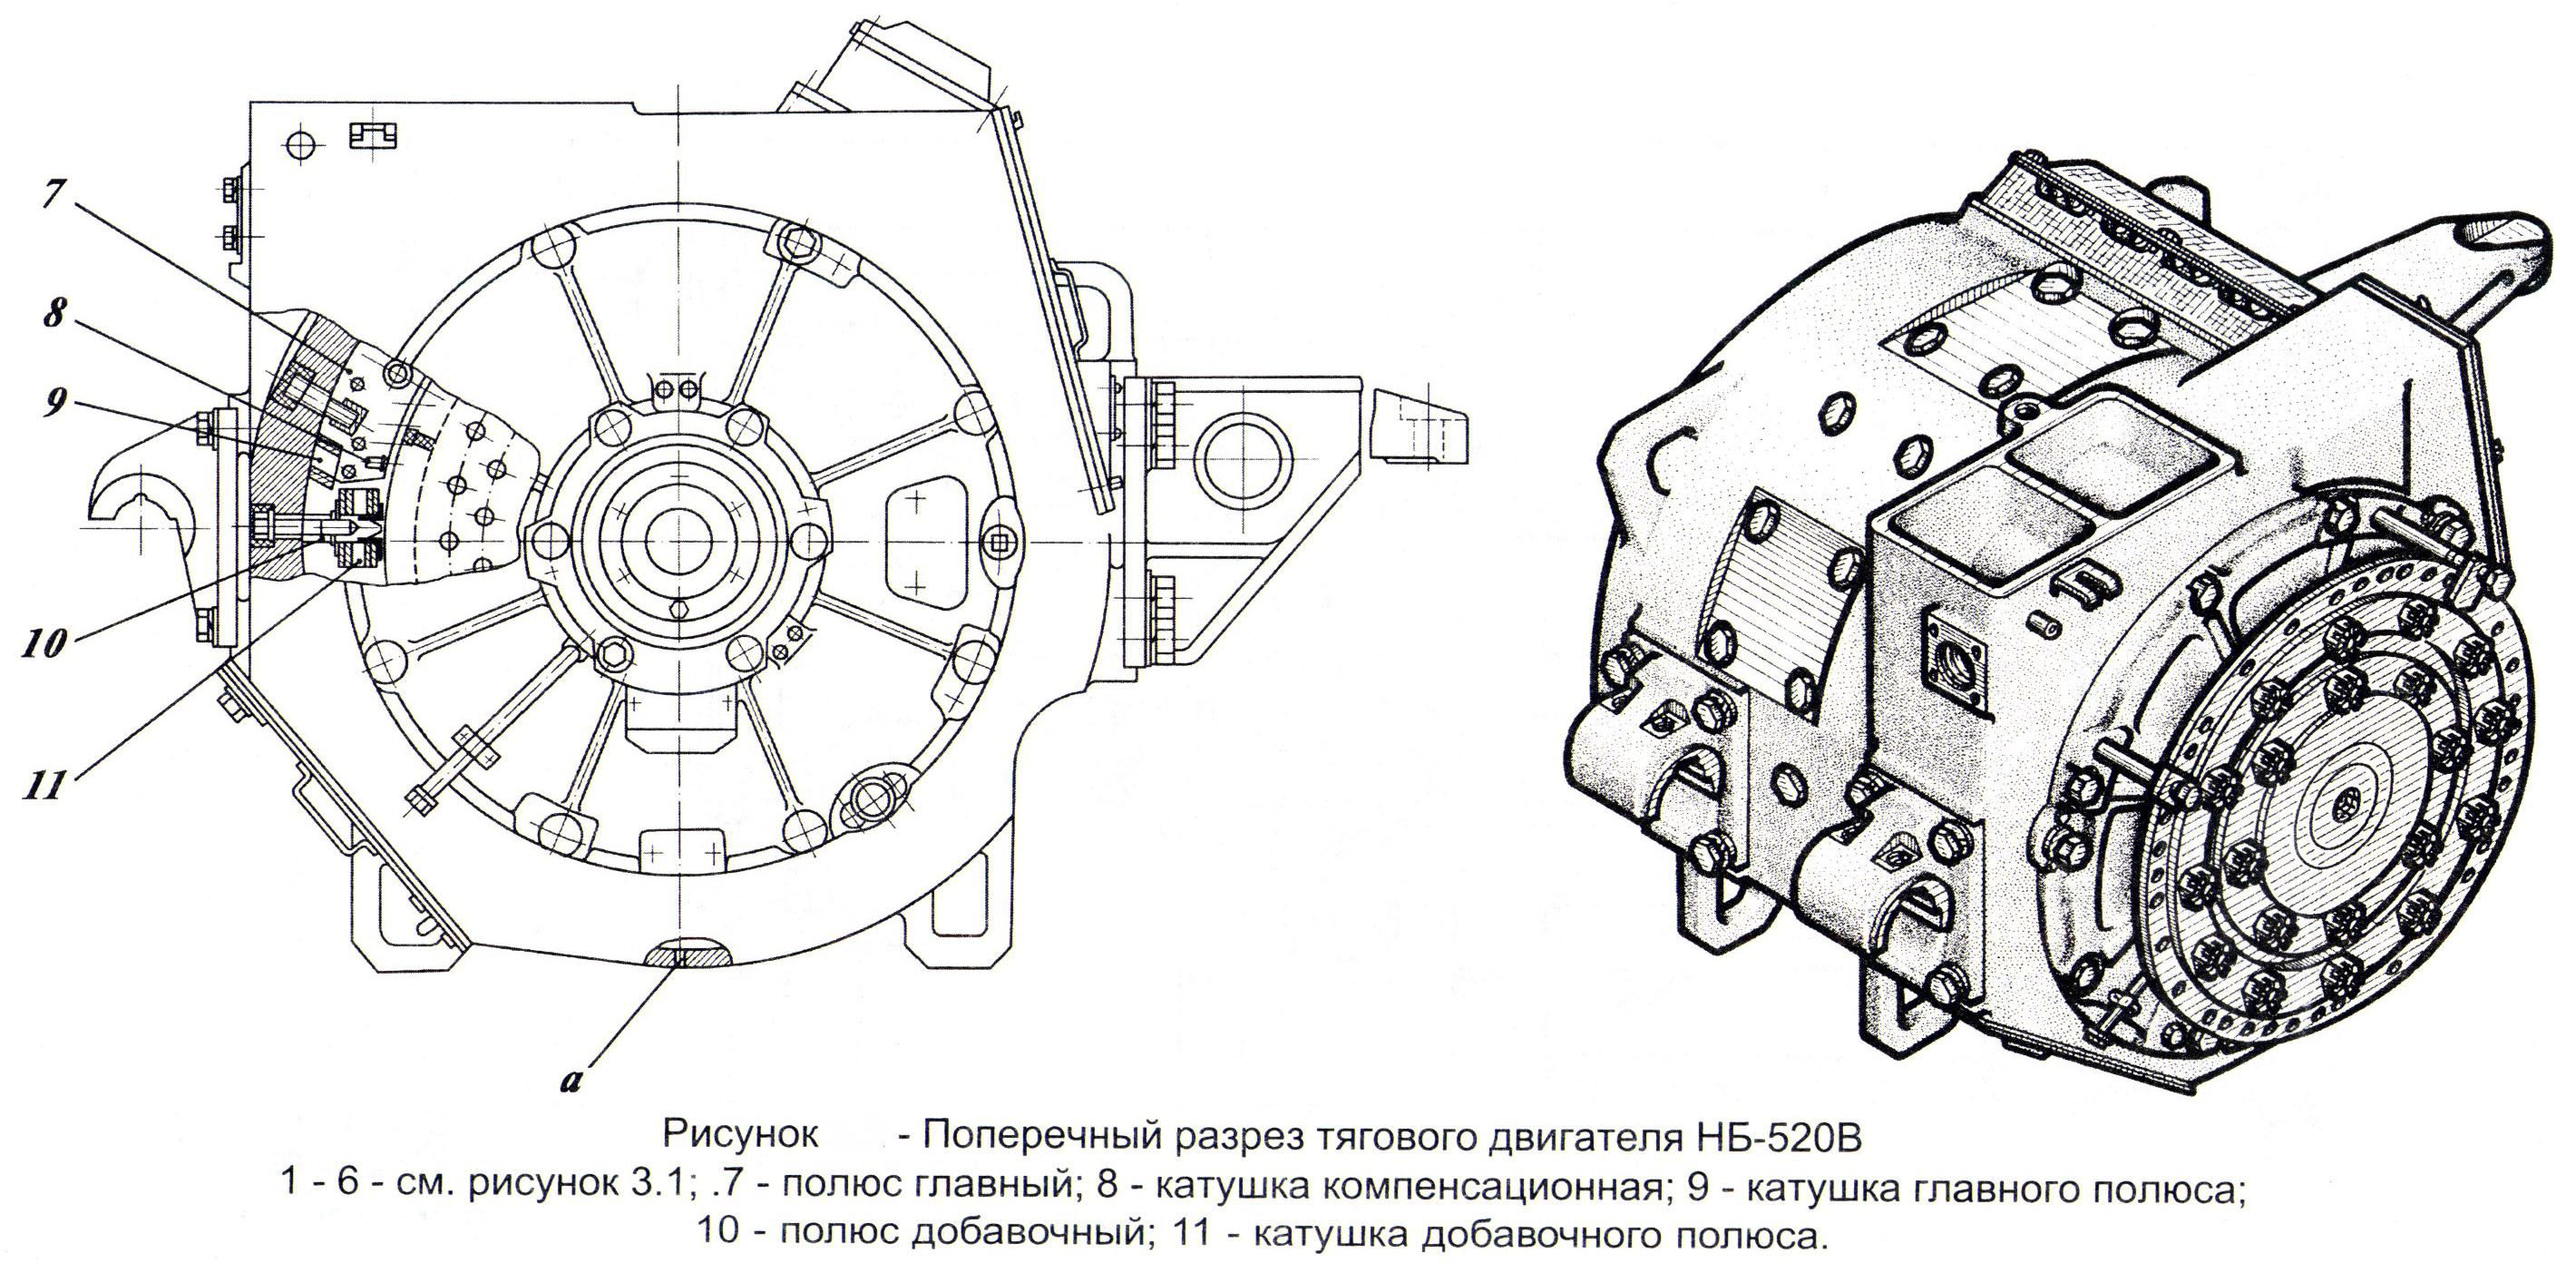 Схема включения двигателя с фазным ротором